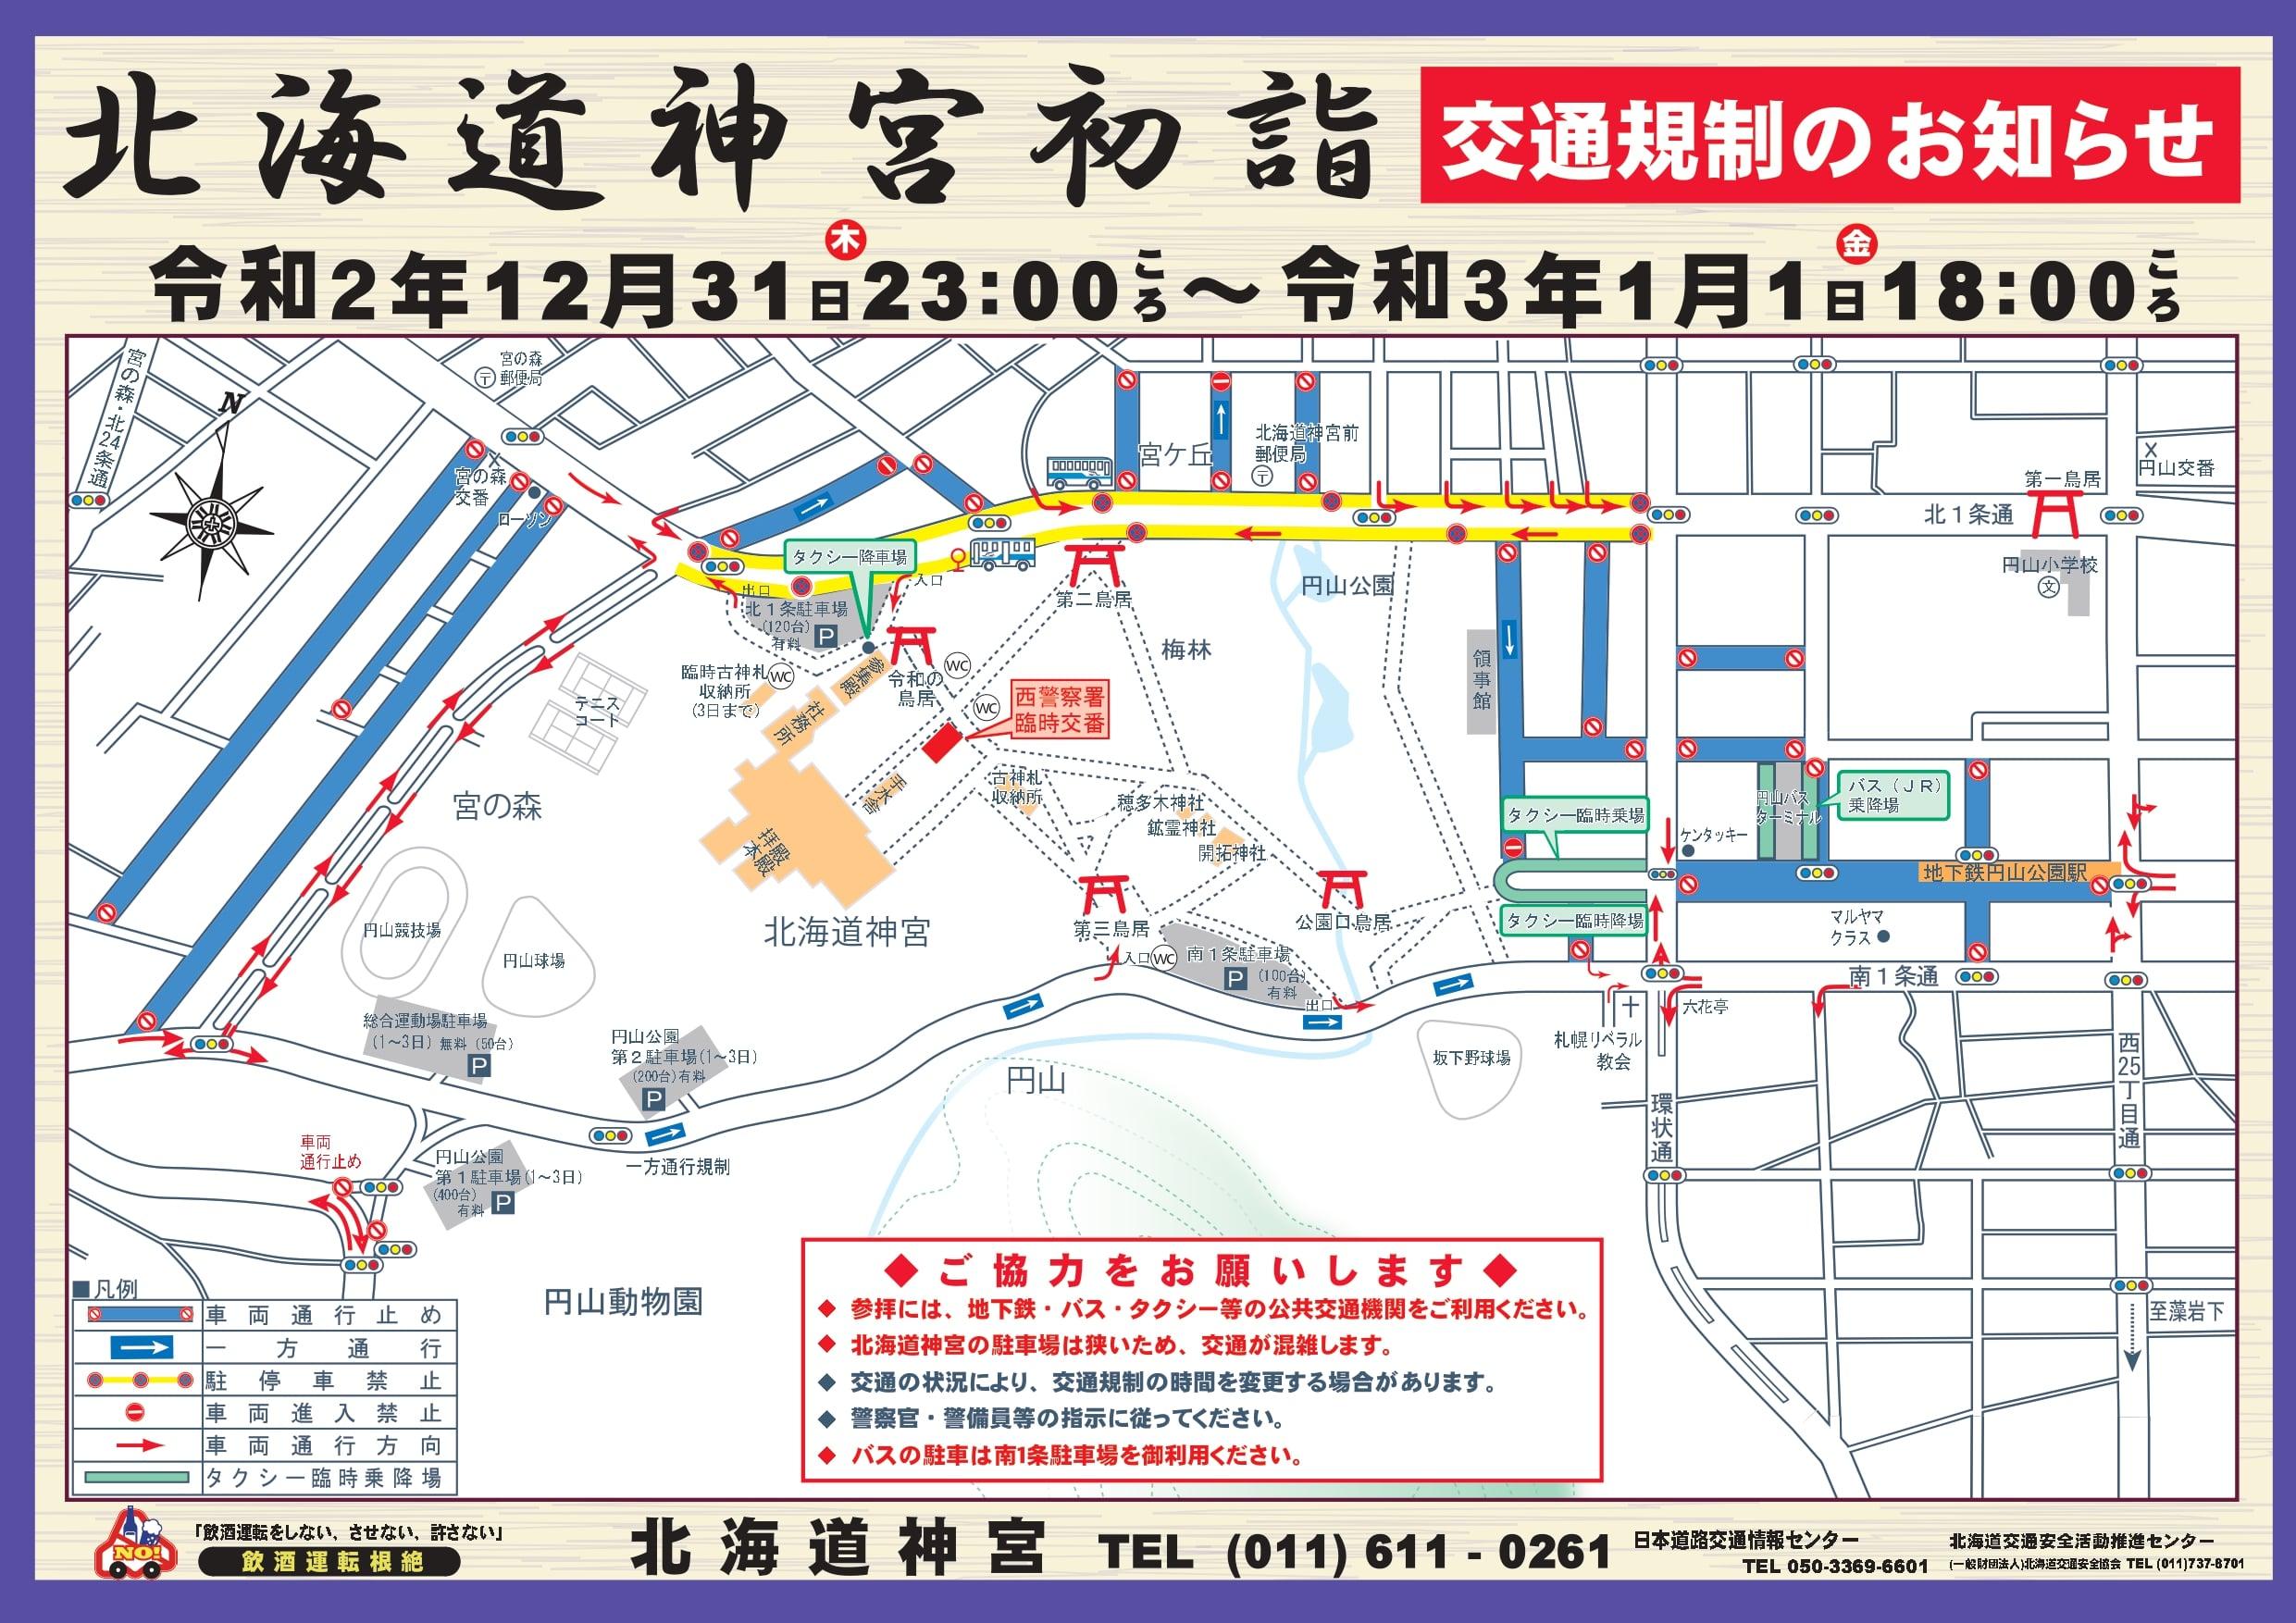 北海道神宮初詣交通規制